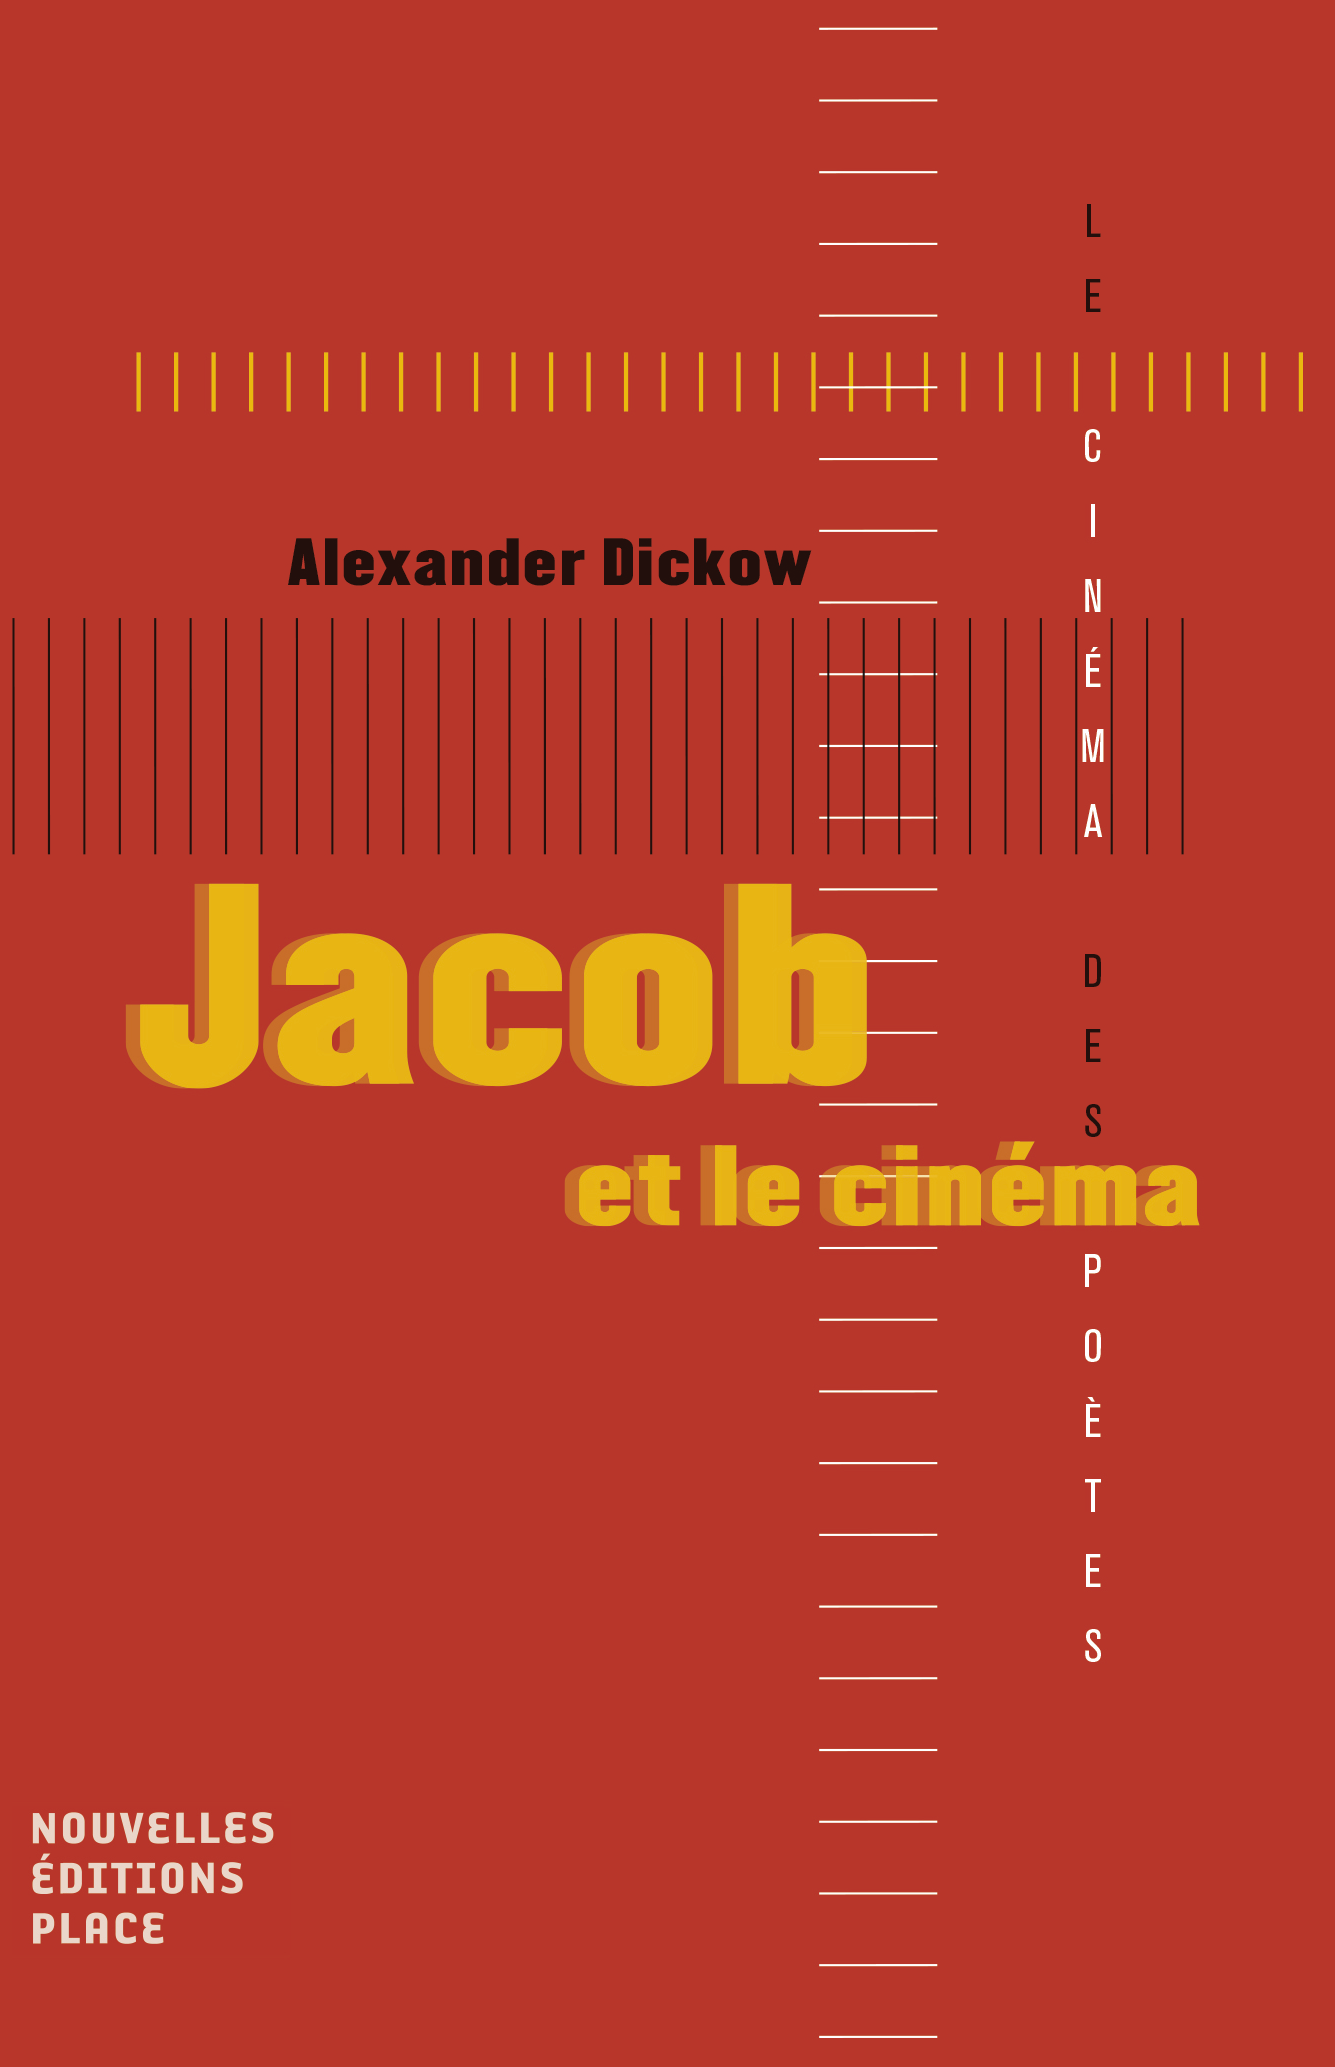 Jacob et le cinéma Collection « Le cinéma des poètes » Les nouvelles éditions Jean-Michel Place